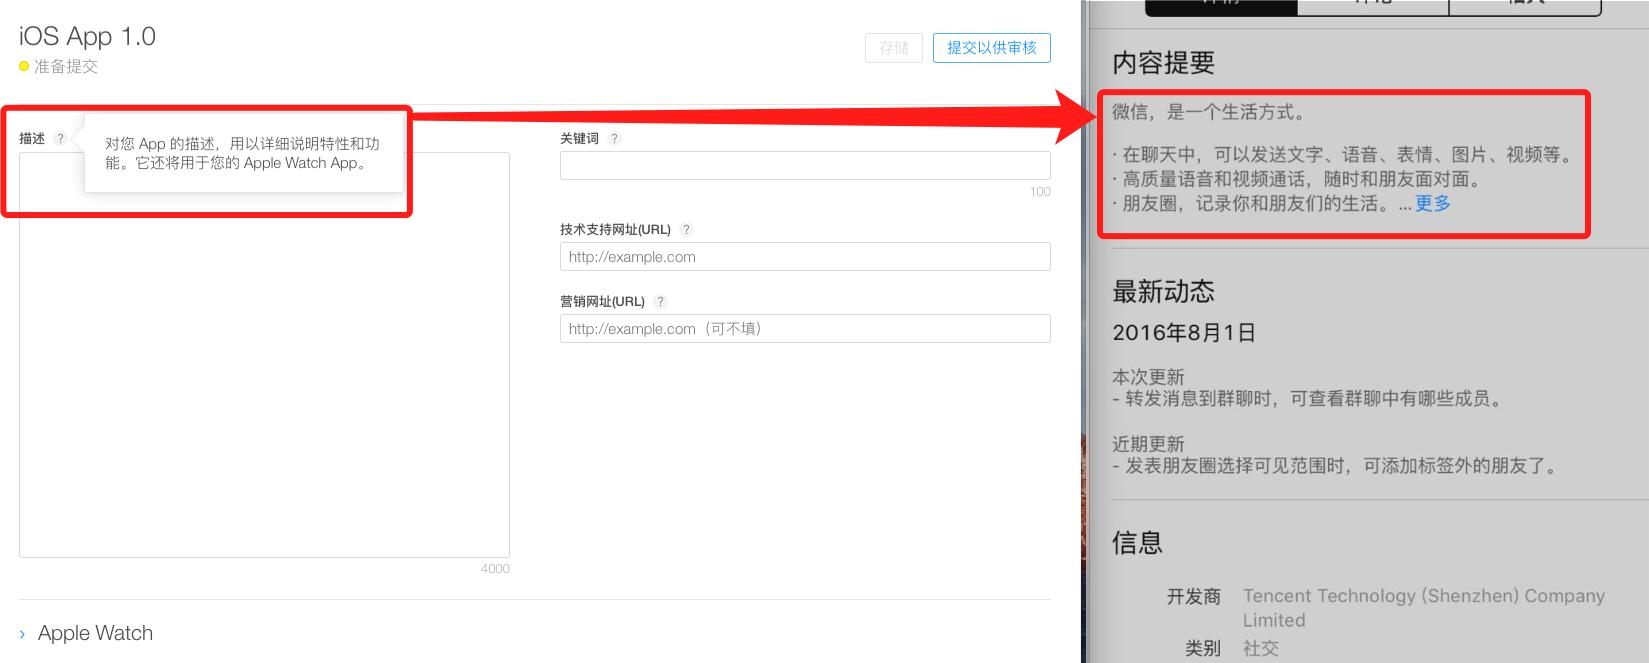 app描述显示的位置